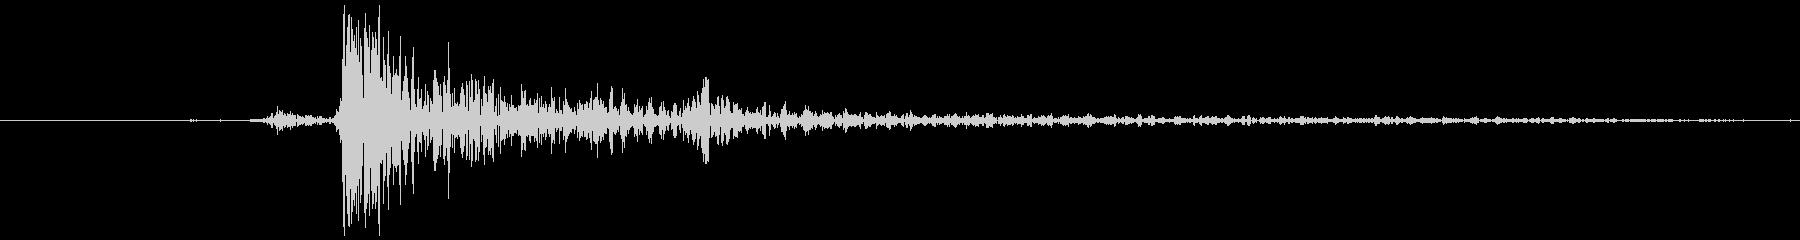 タップ音 (スマホ) カッの未再生の波形